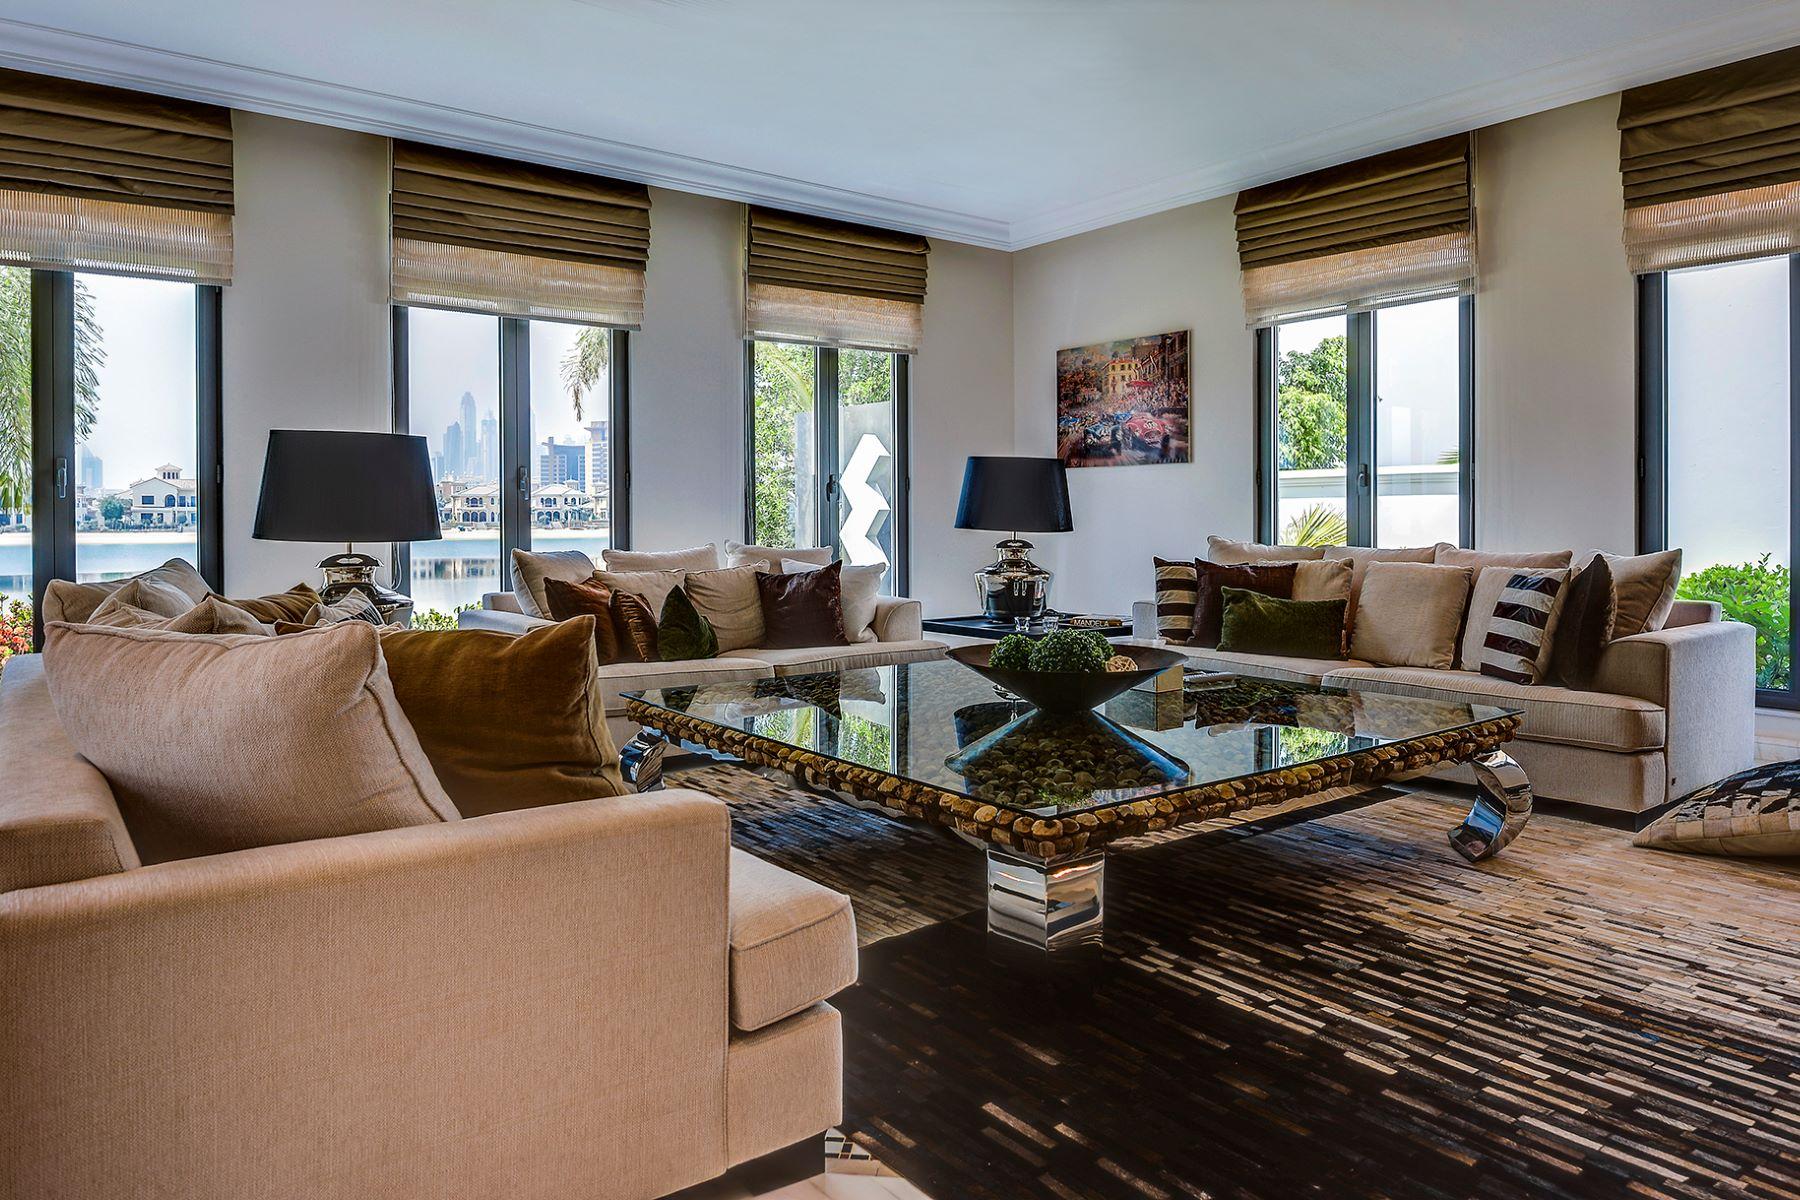 Другая жилая недвижимость для того Продажа на Grand Villa with Private Beach Dubai, Объединенные Арабские Эмираты